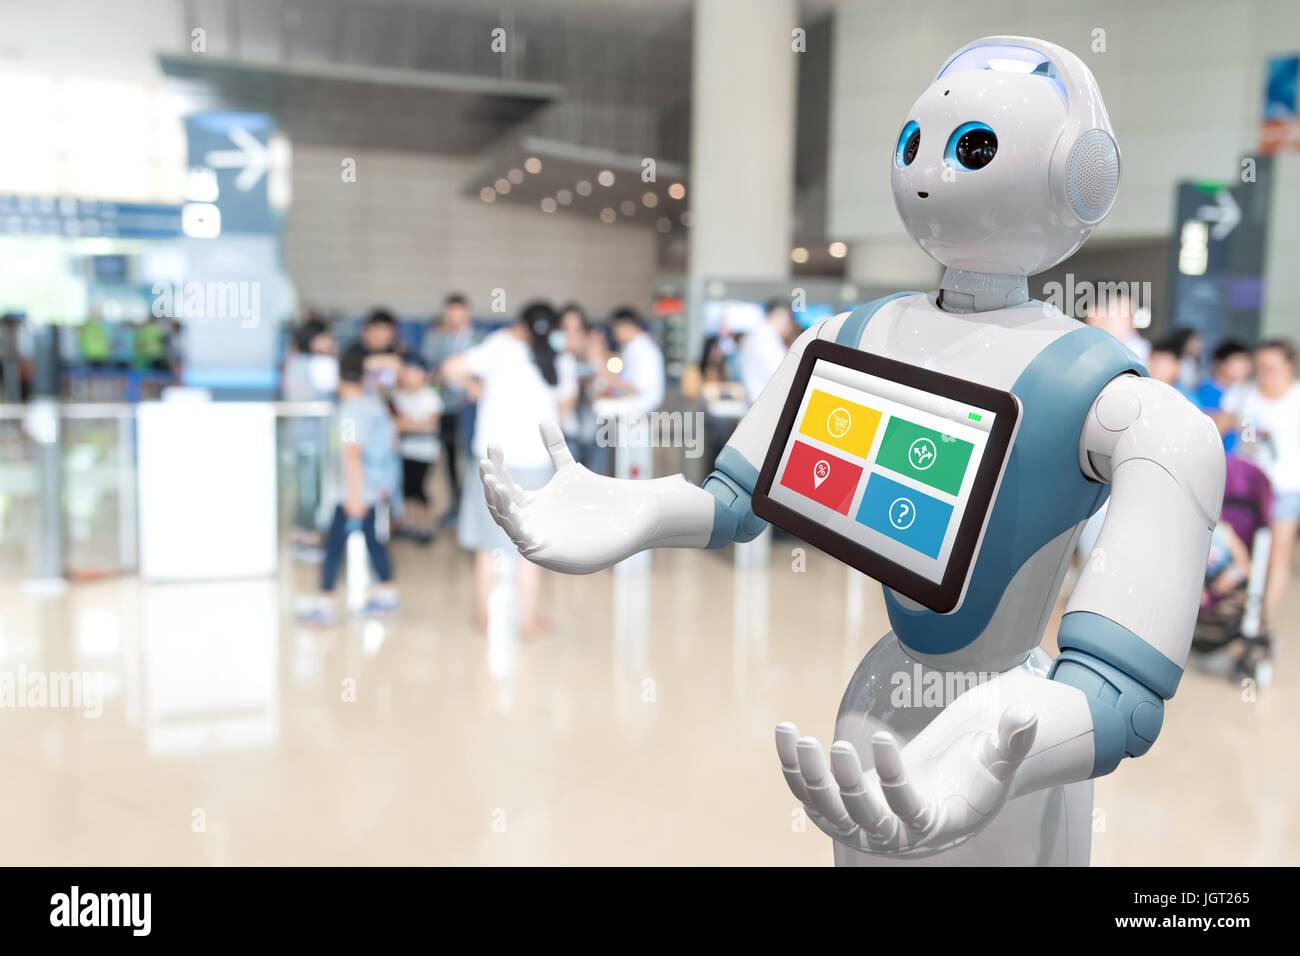 Robotics Trends Technology Business Concept Autonomous Personal